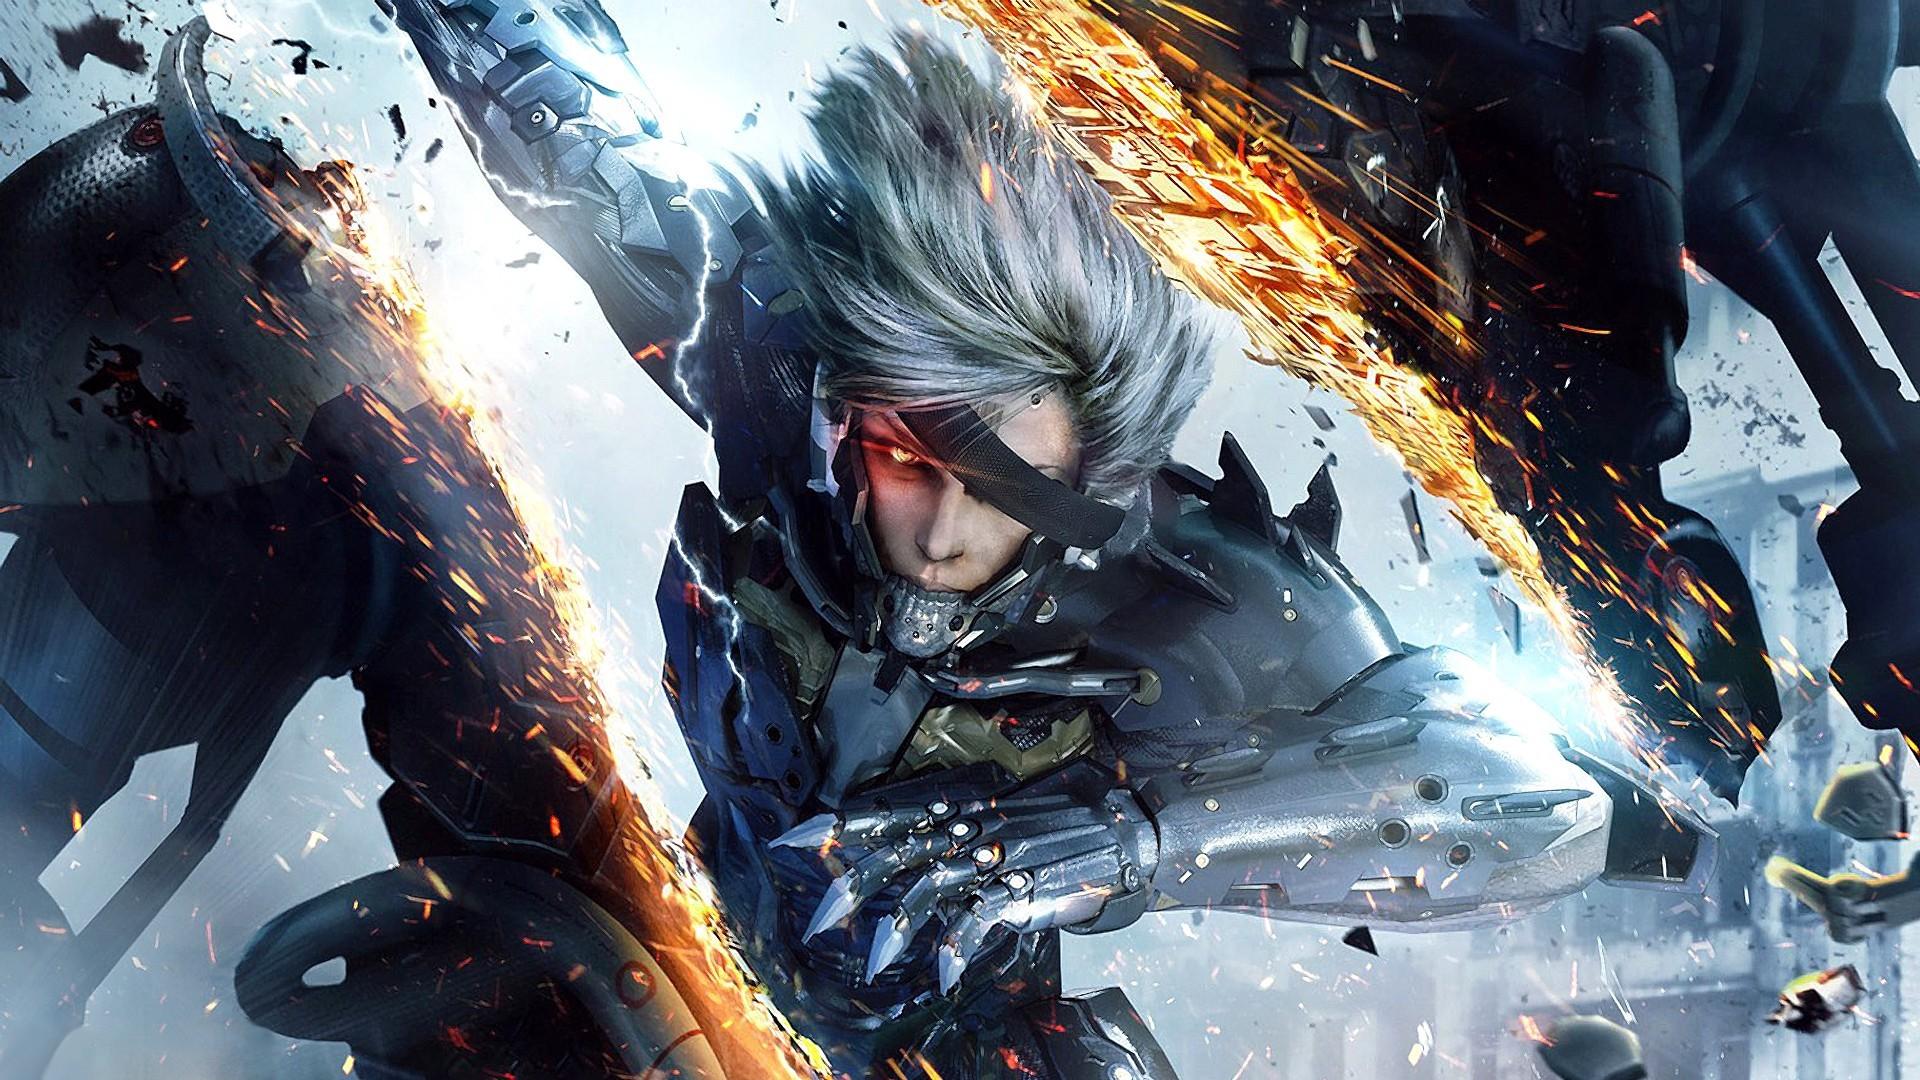 Res: 1920x1080, 55 Metal Gear Rising: Revengeance HD Wallpapers | Hintergründe - Wallpaper  Abyss